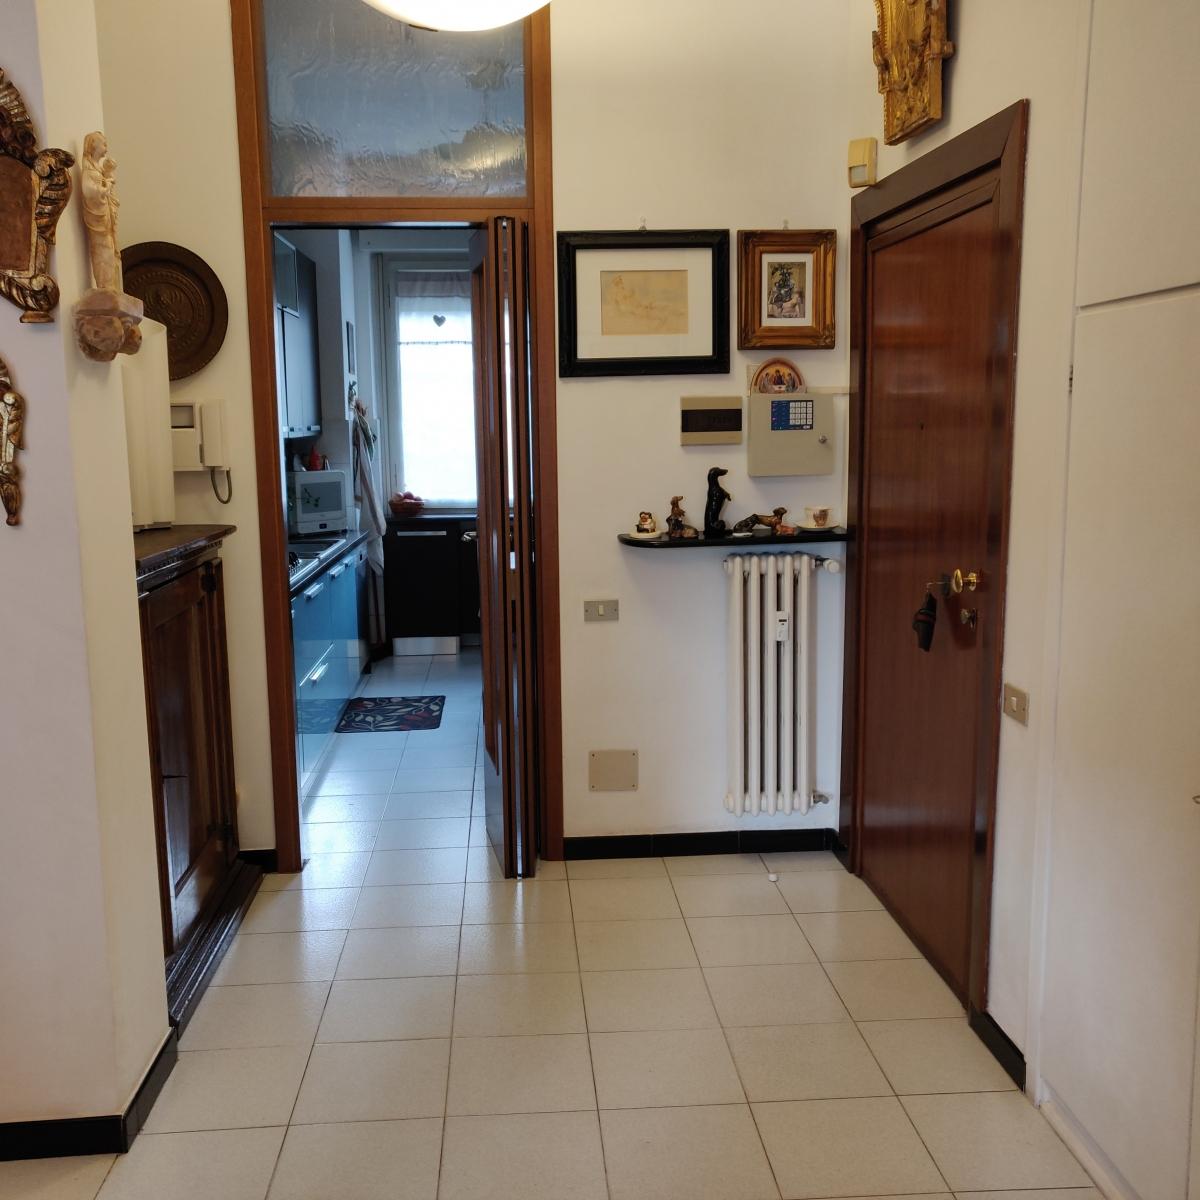 appartamento-in-vendita-baggio-via-gianella-3-locali-spaziourbano-immobiliare-vende-3